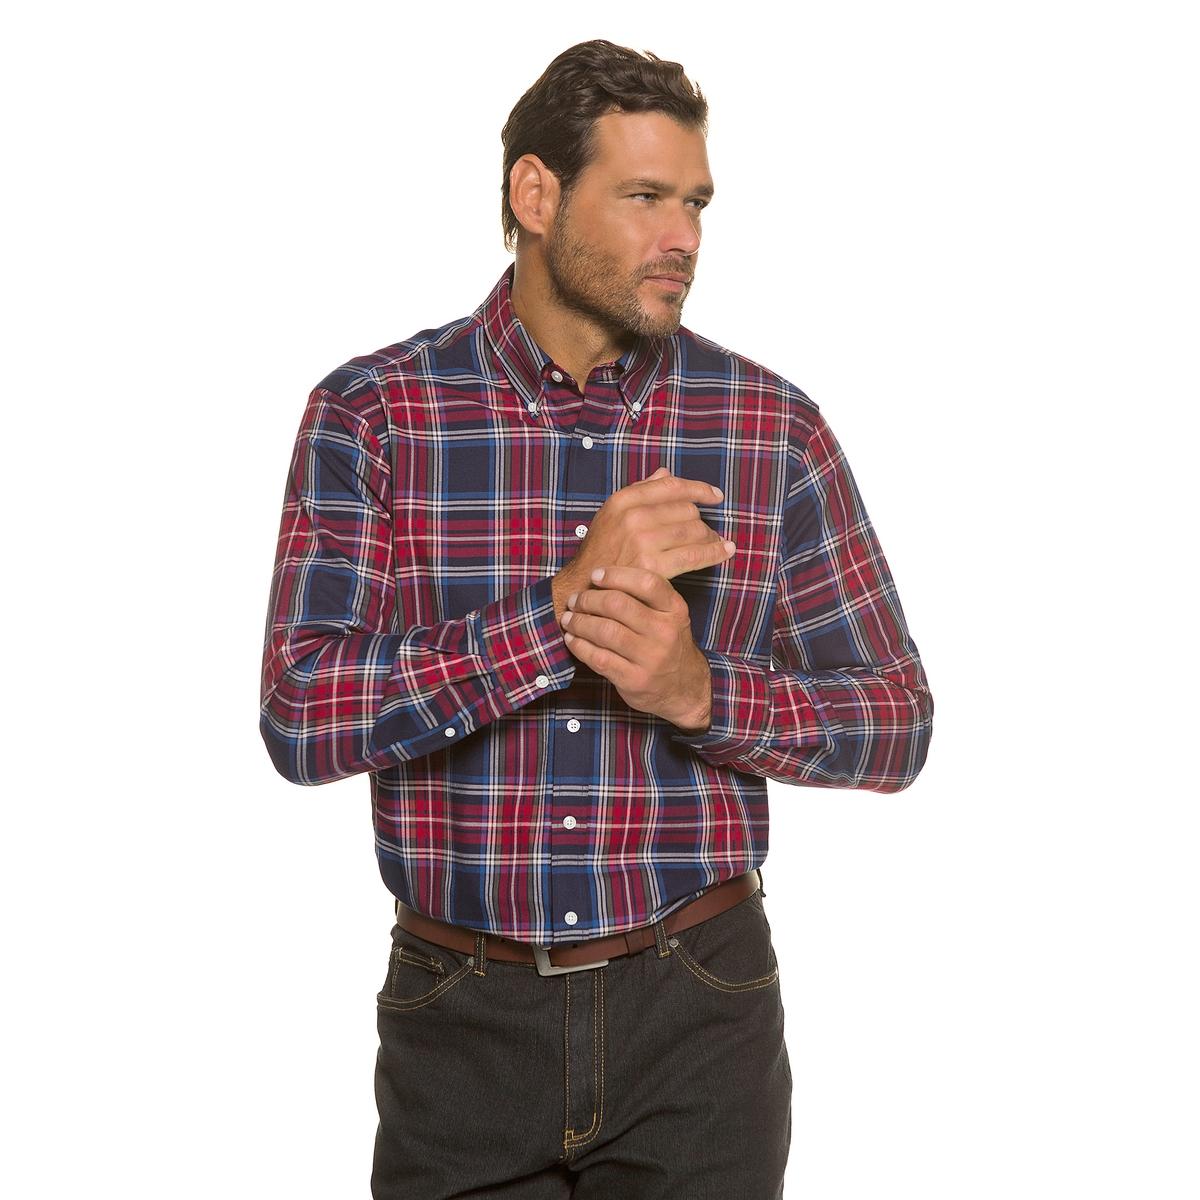 РубашкаВоротник с кончиками на пуговицах, небольшая аппликация на нагрудном кармане . Внутренняя часть карманов из фланели . Облегающий покрой позволяет носить рубашку в свободном стиле поверх брюк  . Длина в зависимости от размера ок. 78-94 см.<br><br>Цвет: в клетку<br>Размер: 3XL